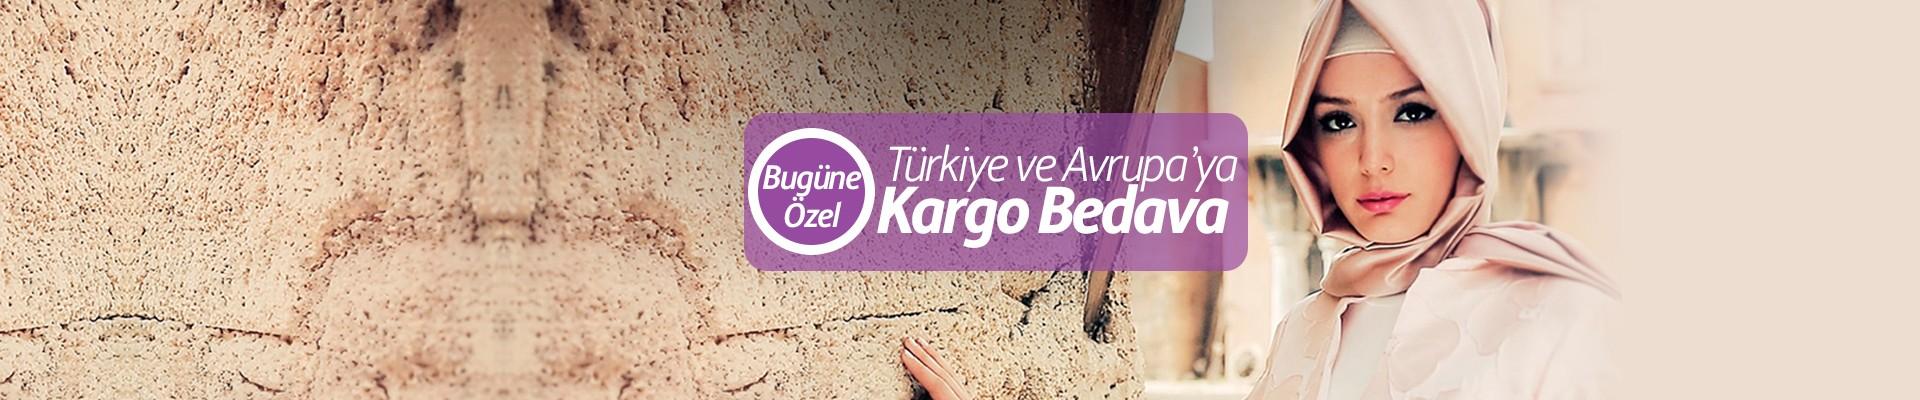 Türkiye ve Avrupa'ya Kargo Bedava